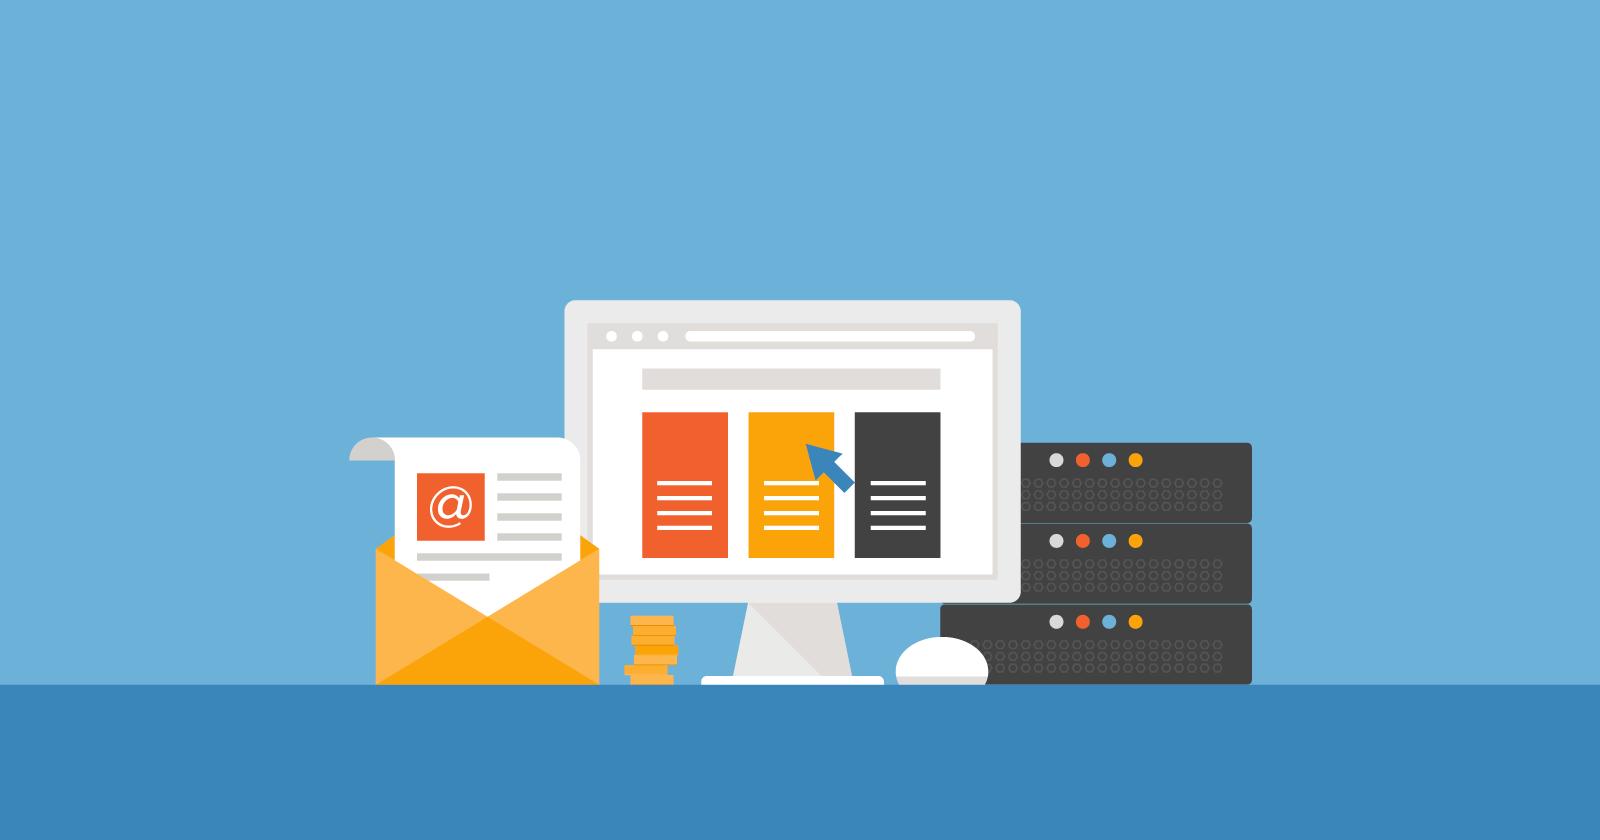 Foto que ilustra a hospedaem de um site em um servidor, o segundo passo para saber como criar um site